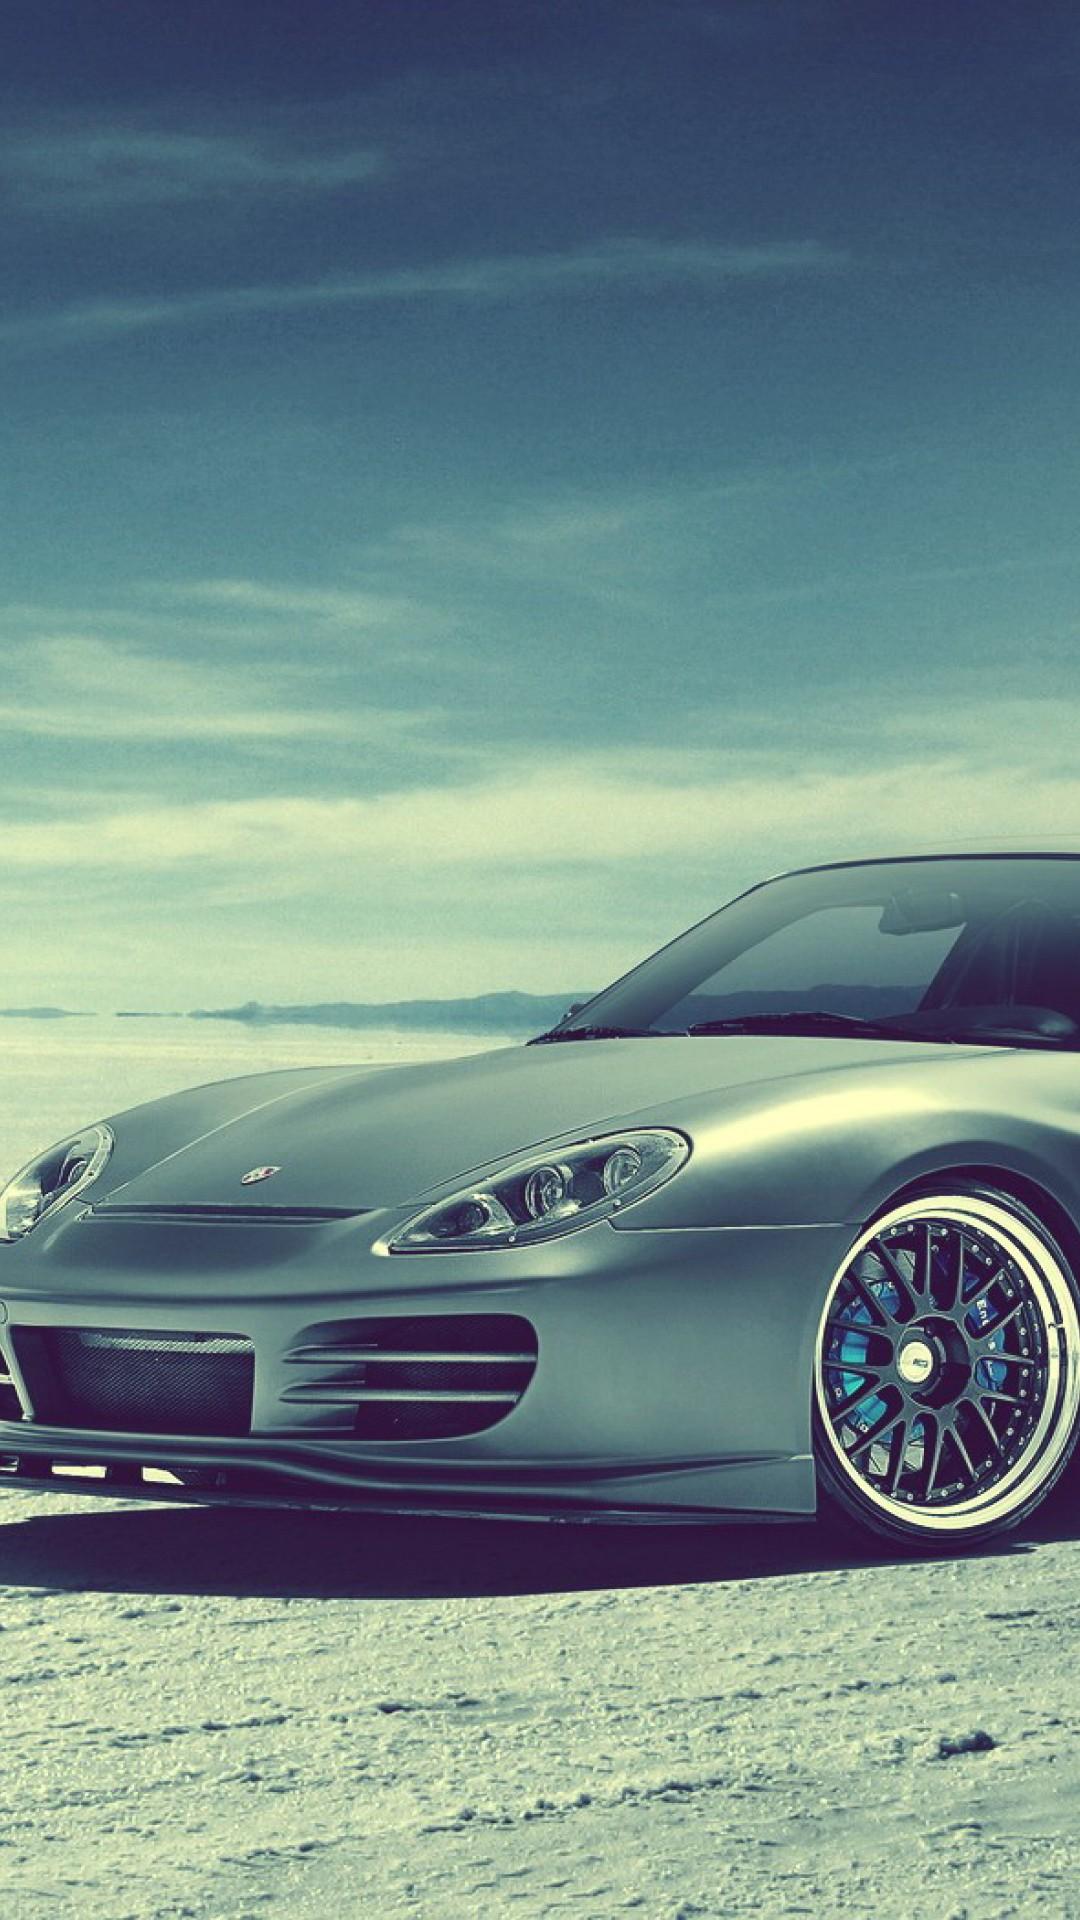 Porsche 996 Hd Wallpaper Iphone 6 6s Plus Hd Wallpaper